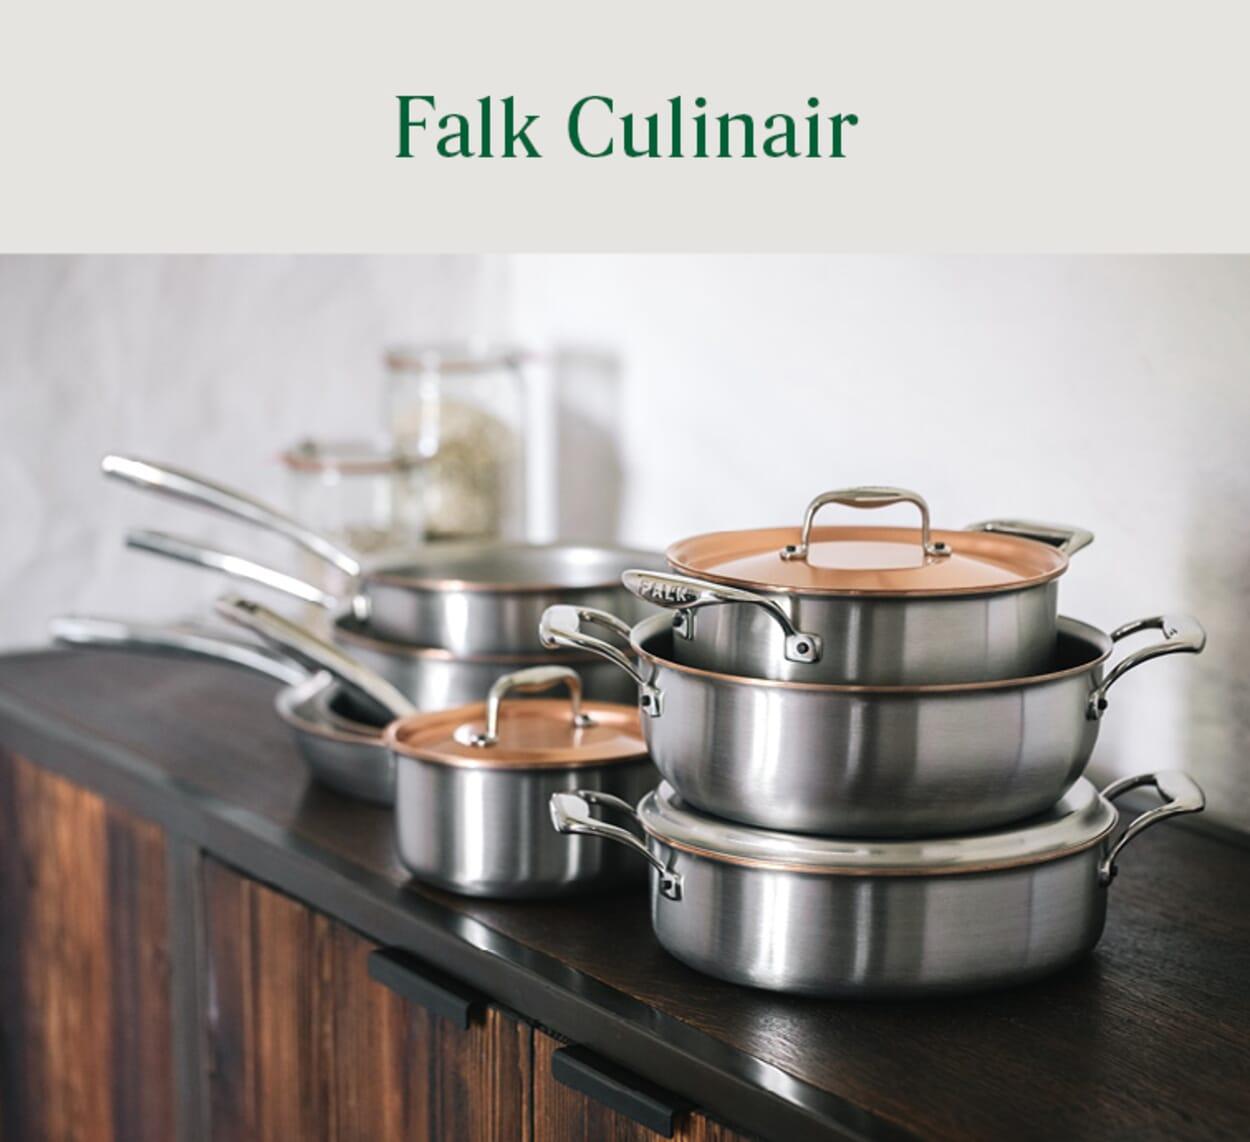 Falk Culinair